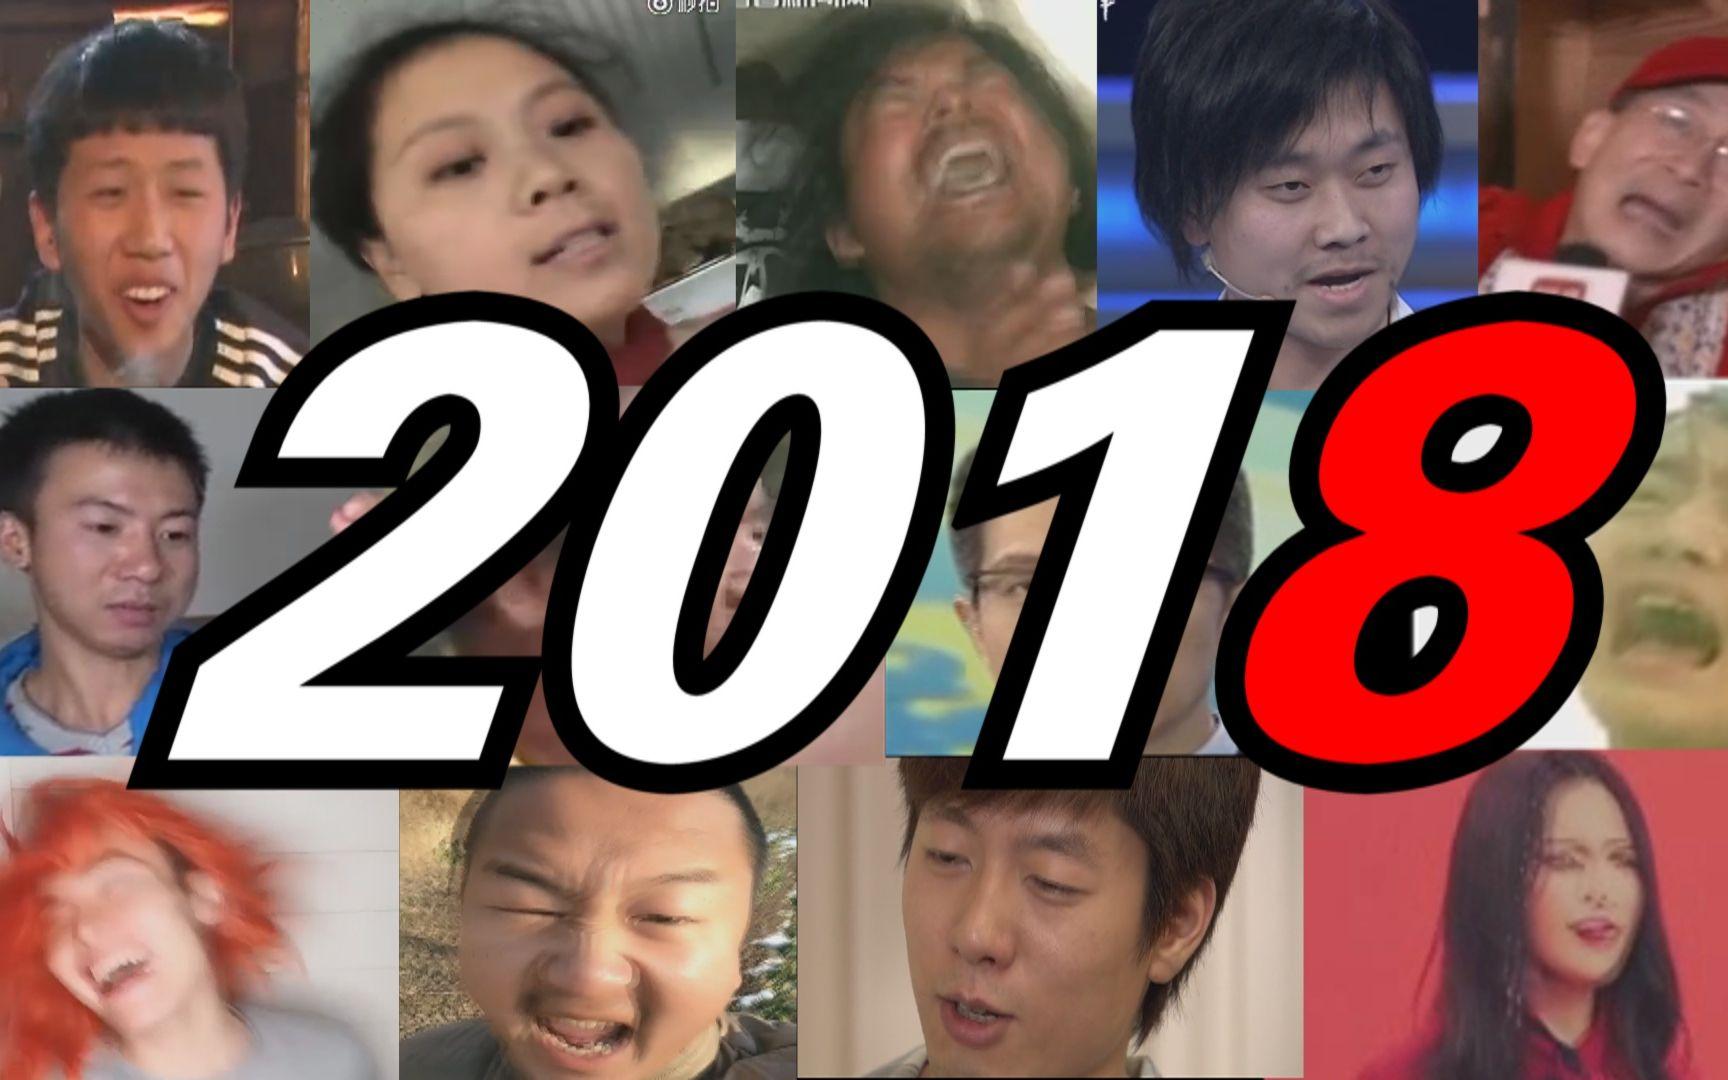 【全明星】2018鬼畜全星大回顾